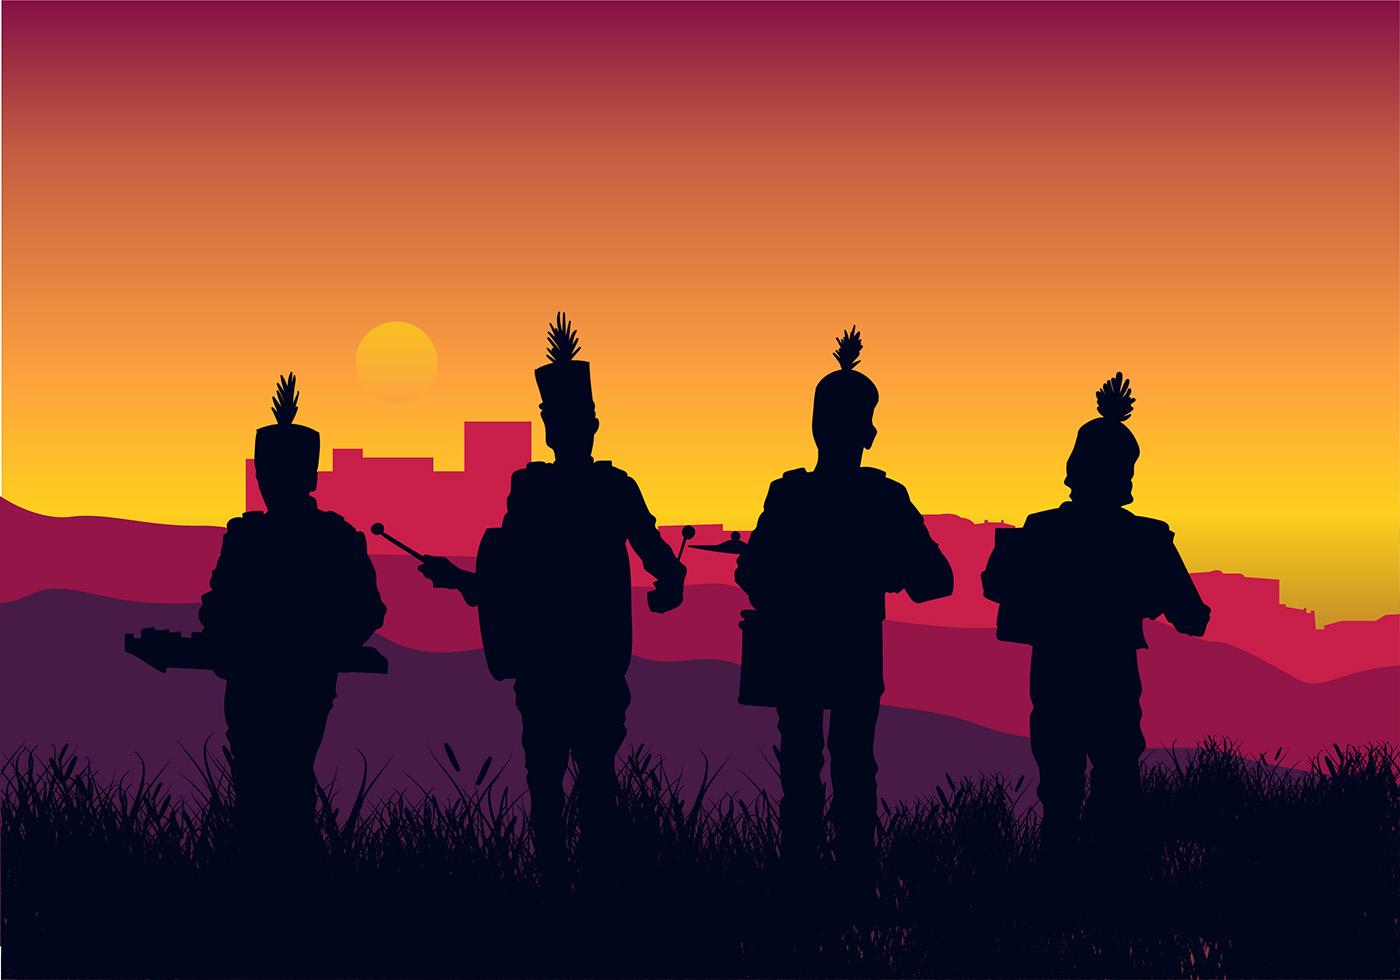 Marching Band Silueta Pa 237 S Libre De Vectores Descargue